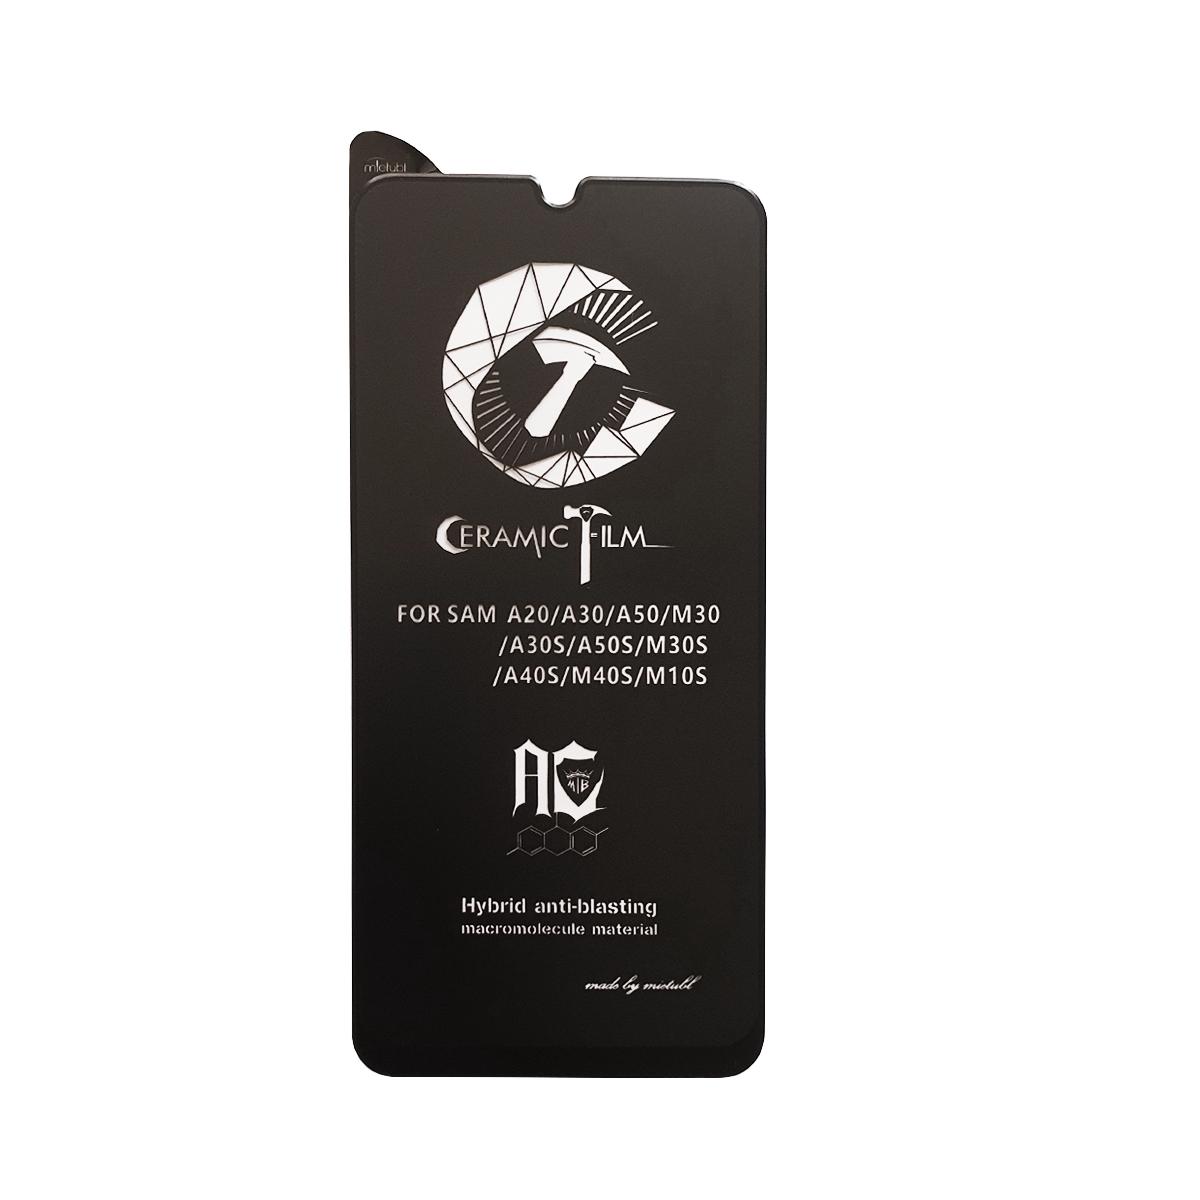 محافظ صفحه نمایش سرامیکی میتوبل مدل FLCEM22st مناسب برای گوشی موبایل سامسونگ Galaxy A50 thumb 2 5